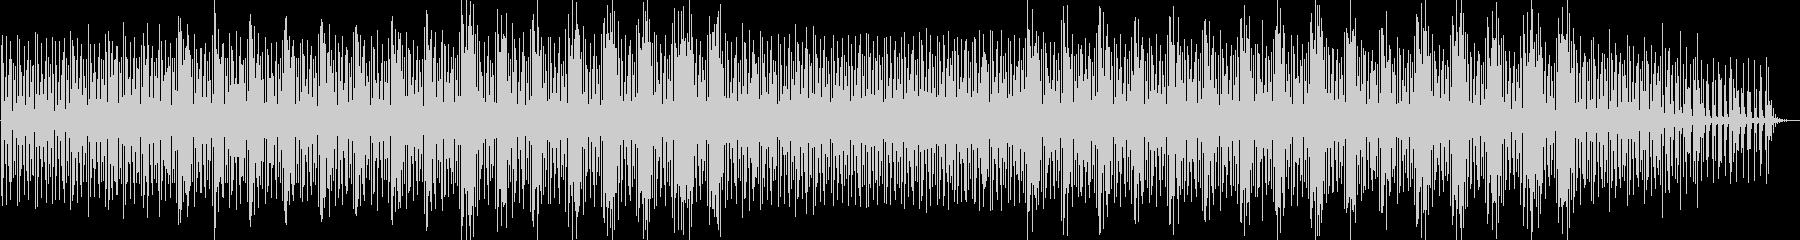 アンビエント、ニューエイジ風の音楽...の未再生の波形